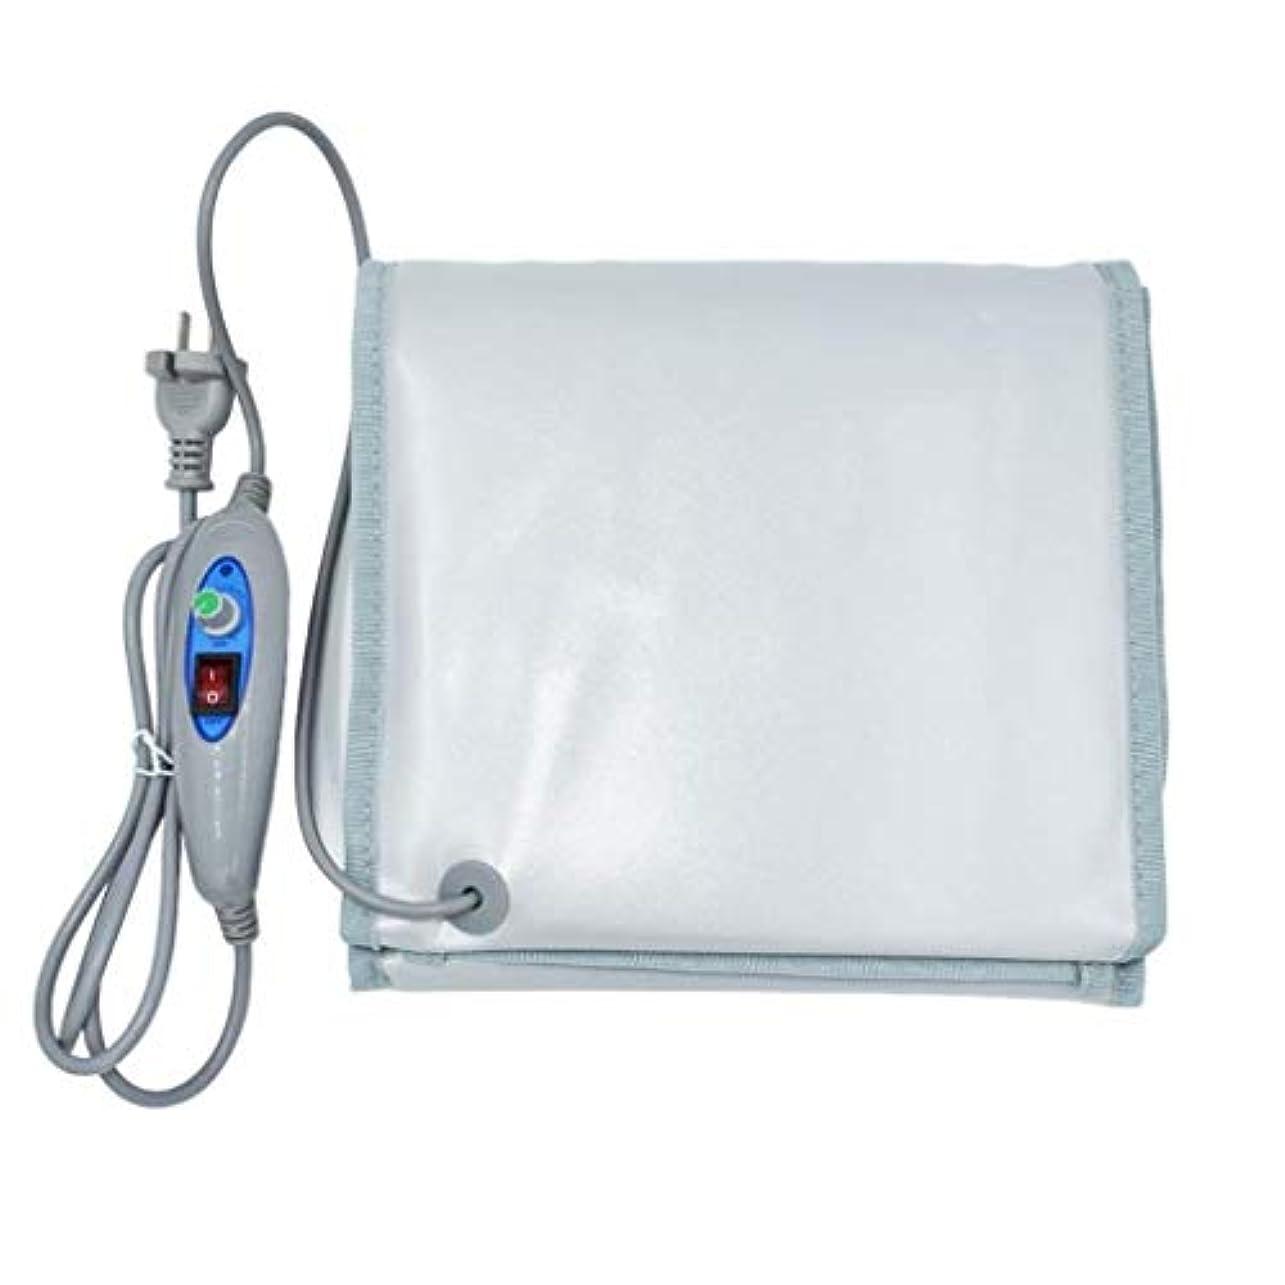 プライバシー応答成長ウエストマッサージャー、Slim身ベルト、振動マッサージ機能、加熱Slim身ベルト、細い太もも、余分な脂肪の削減、ウエストSlim身ベルト電気加熱